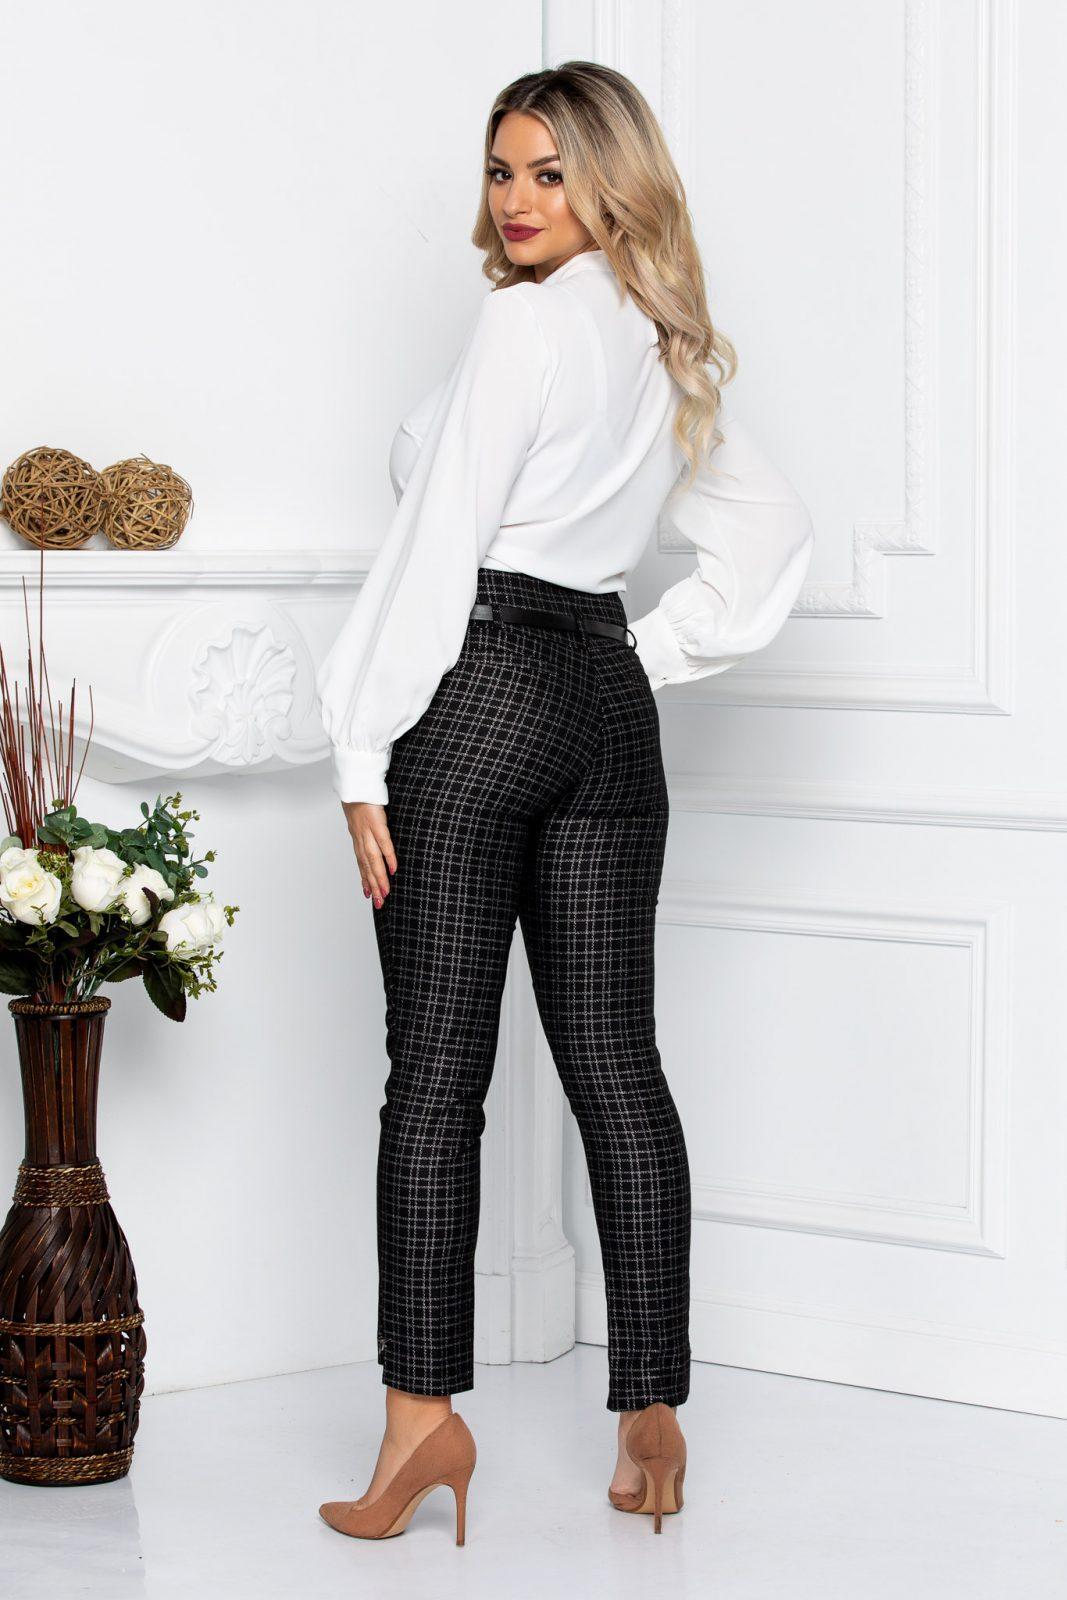 Μαύρο Παντελόνι Με Ζώνη Vogue 8643